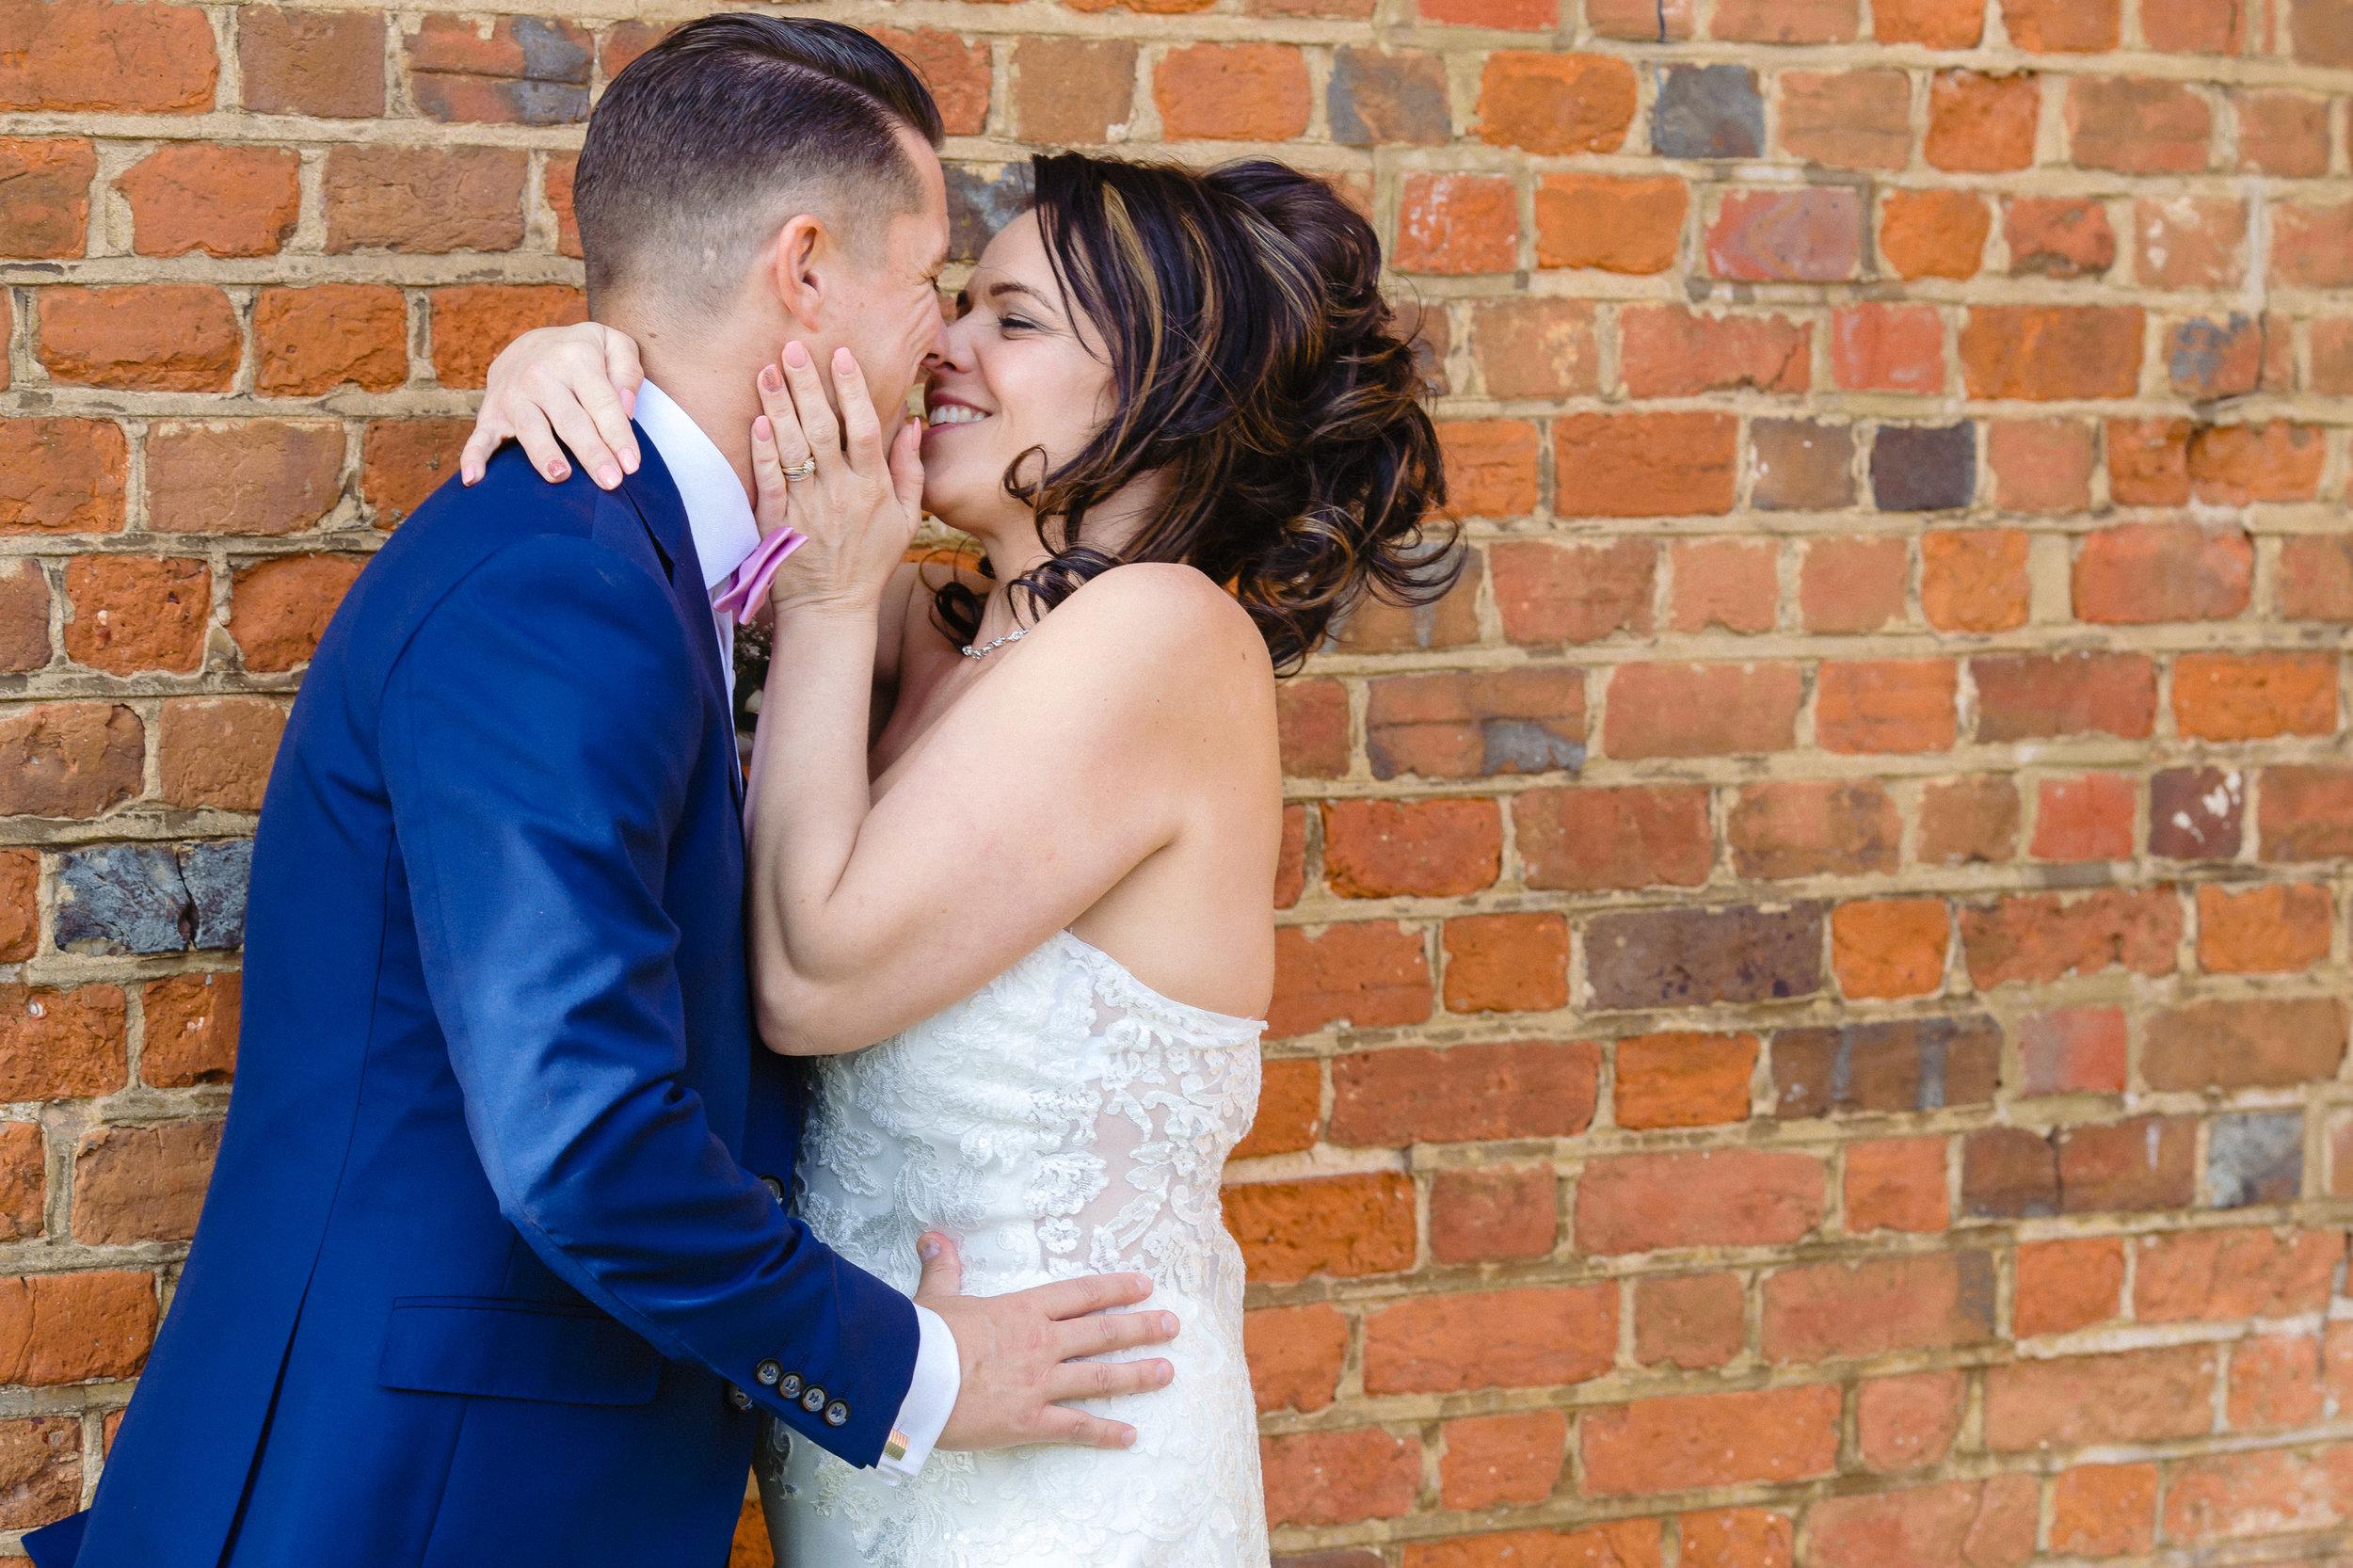 vicky-ant-wedding-639.jpg